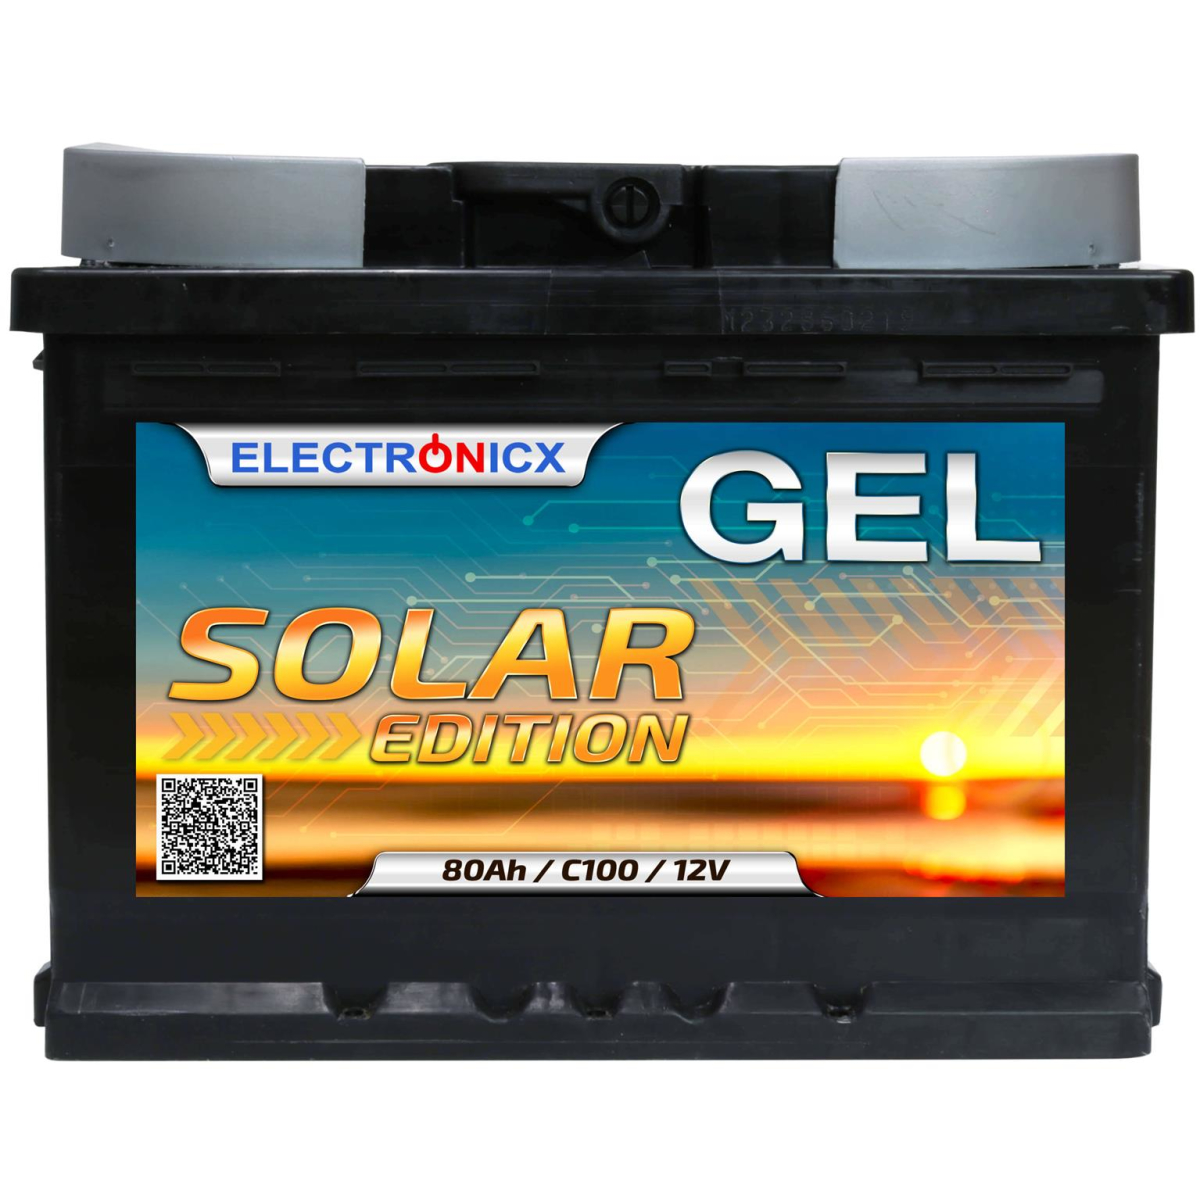 Solar battery 12v 80ah Electronicx Solar Edition gel battery solar battery supply battery power storage photovoltaic camping solar system garden..